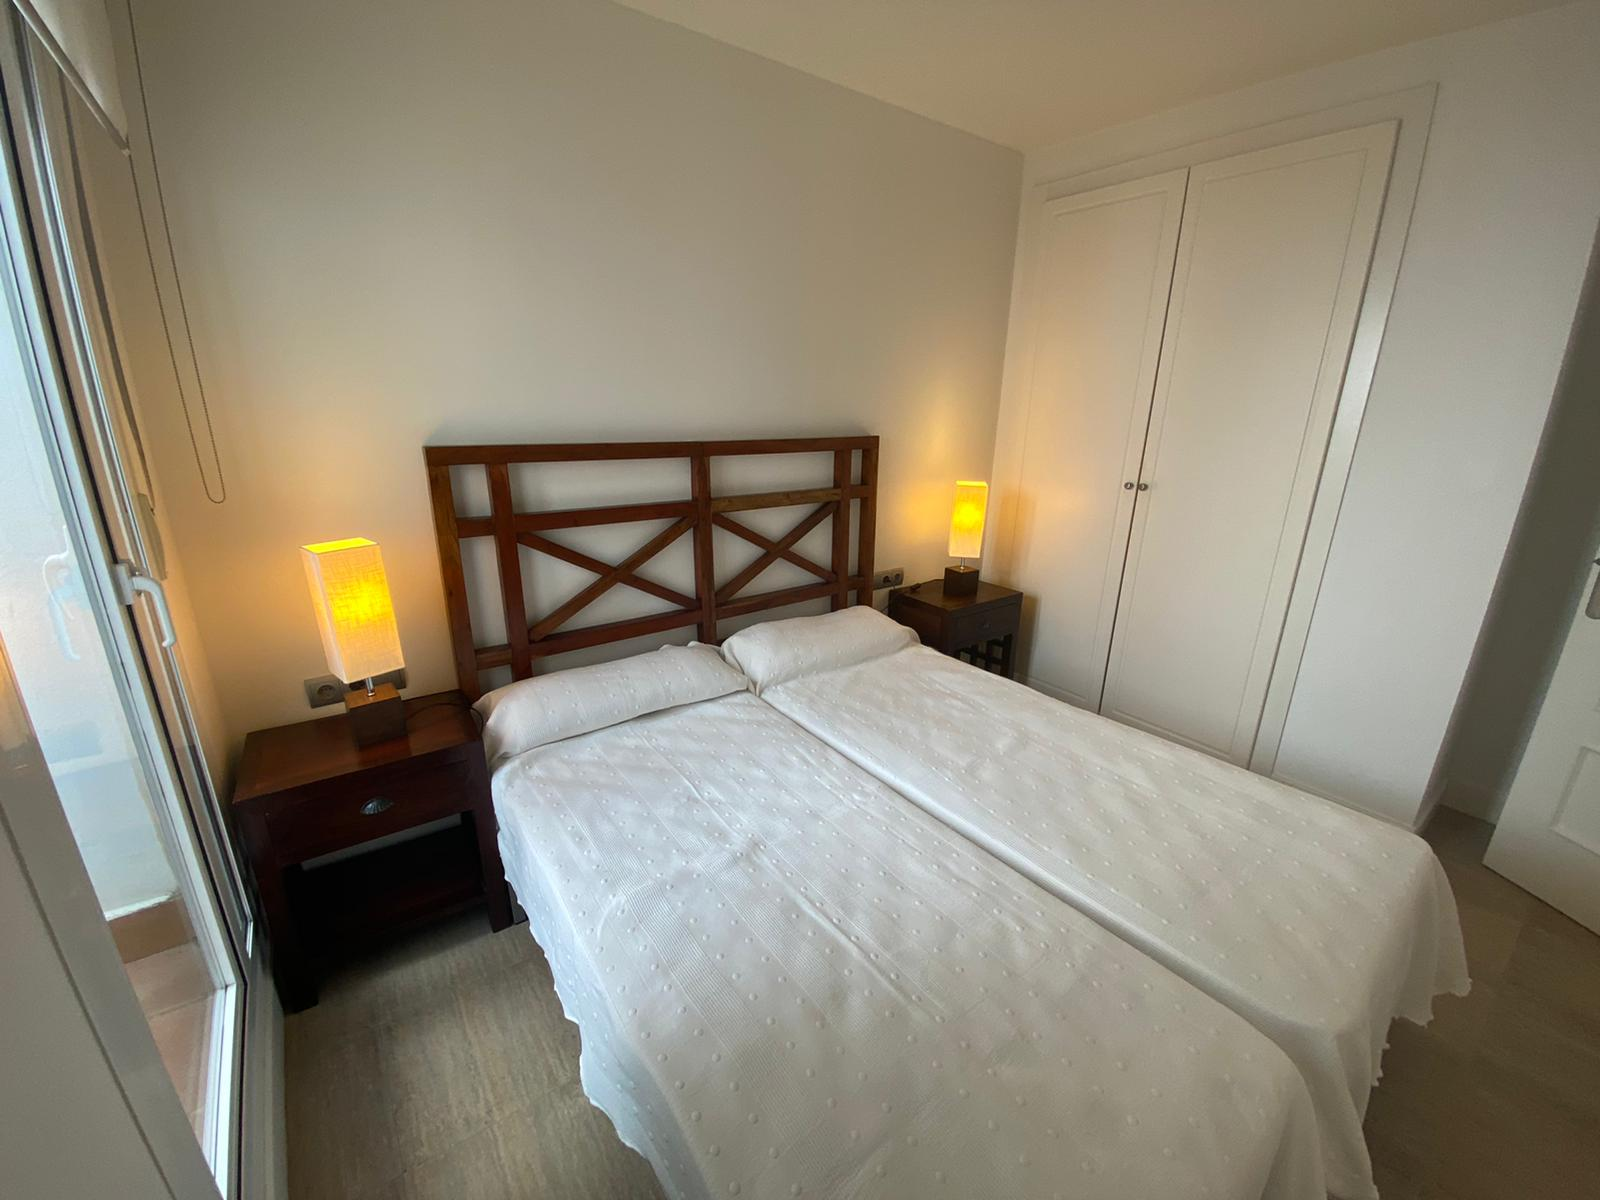 Imagen 18 del Apartamento Turístico, Ático 1 Central (3d+2b), Punta del Moral (HUELVA), Paseo de la Cruz nº22